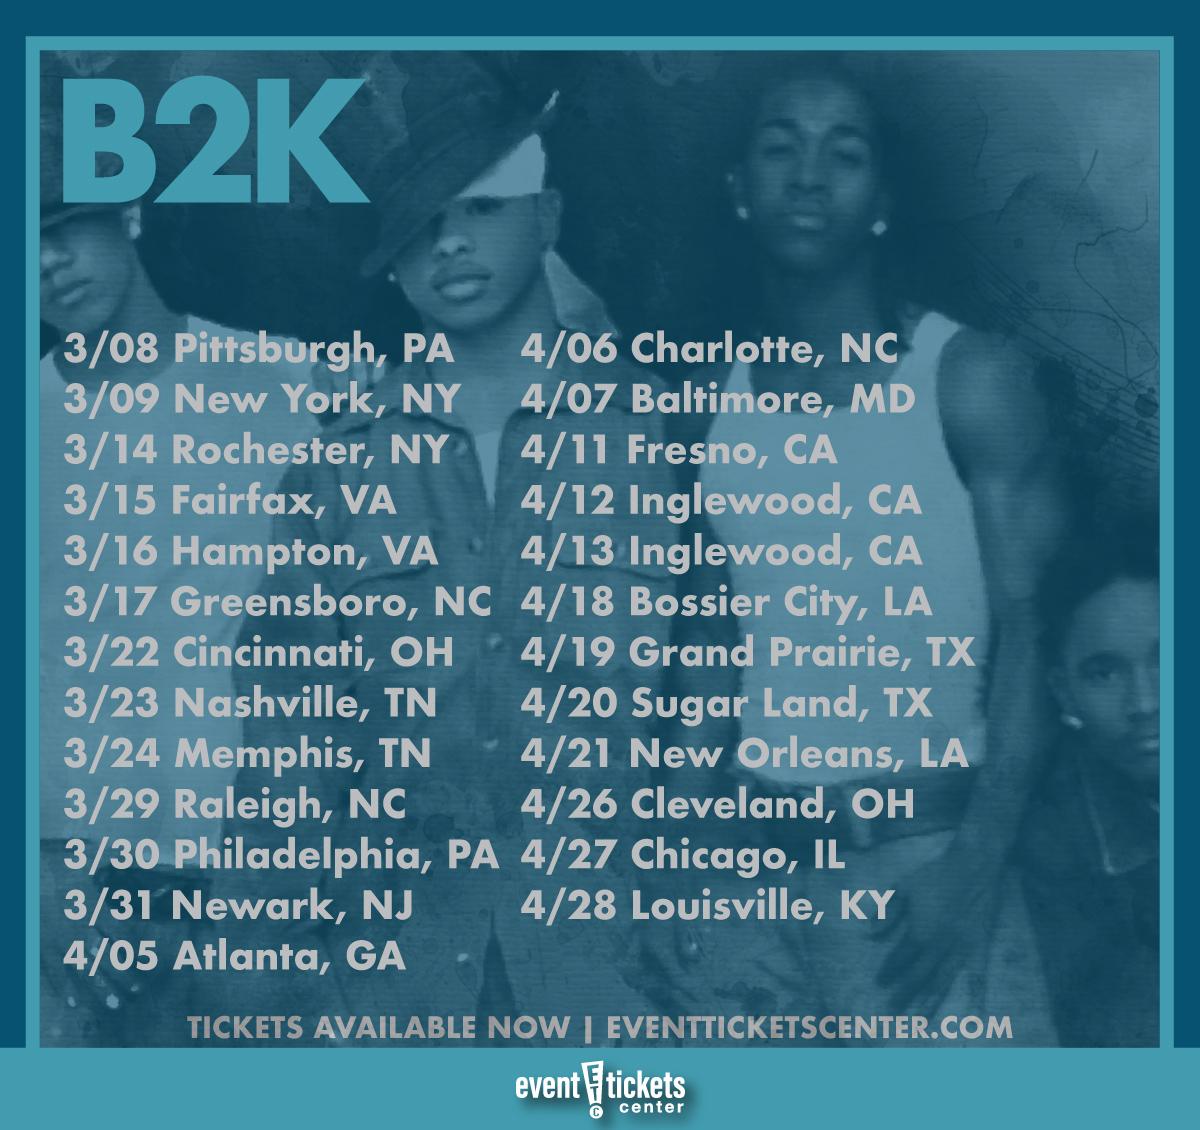 b2k millennium tour